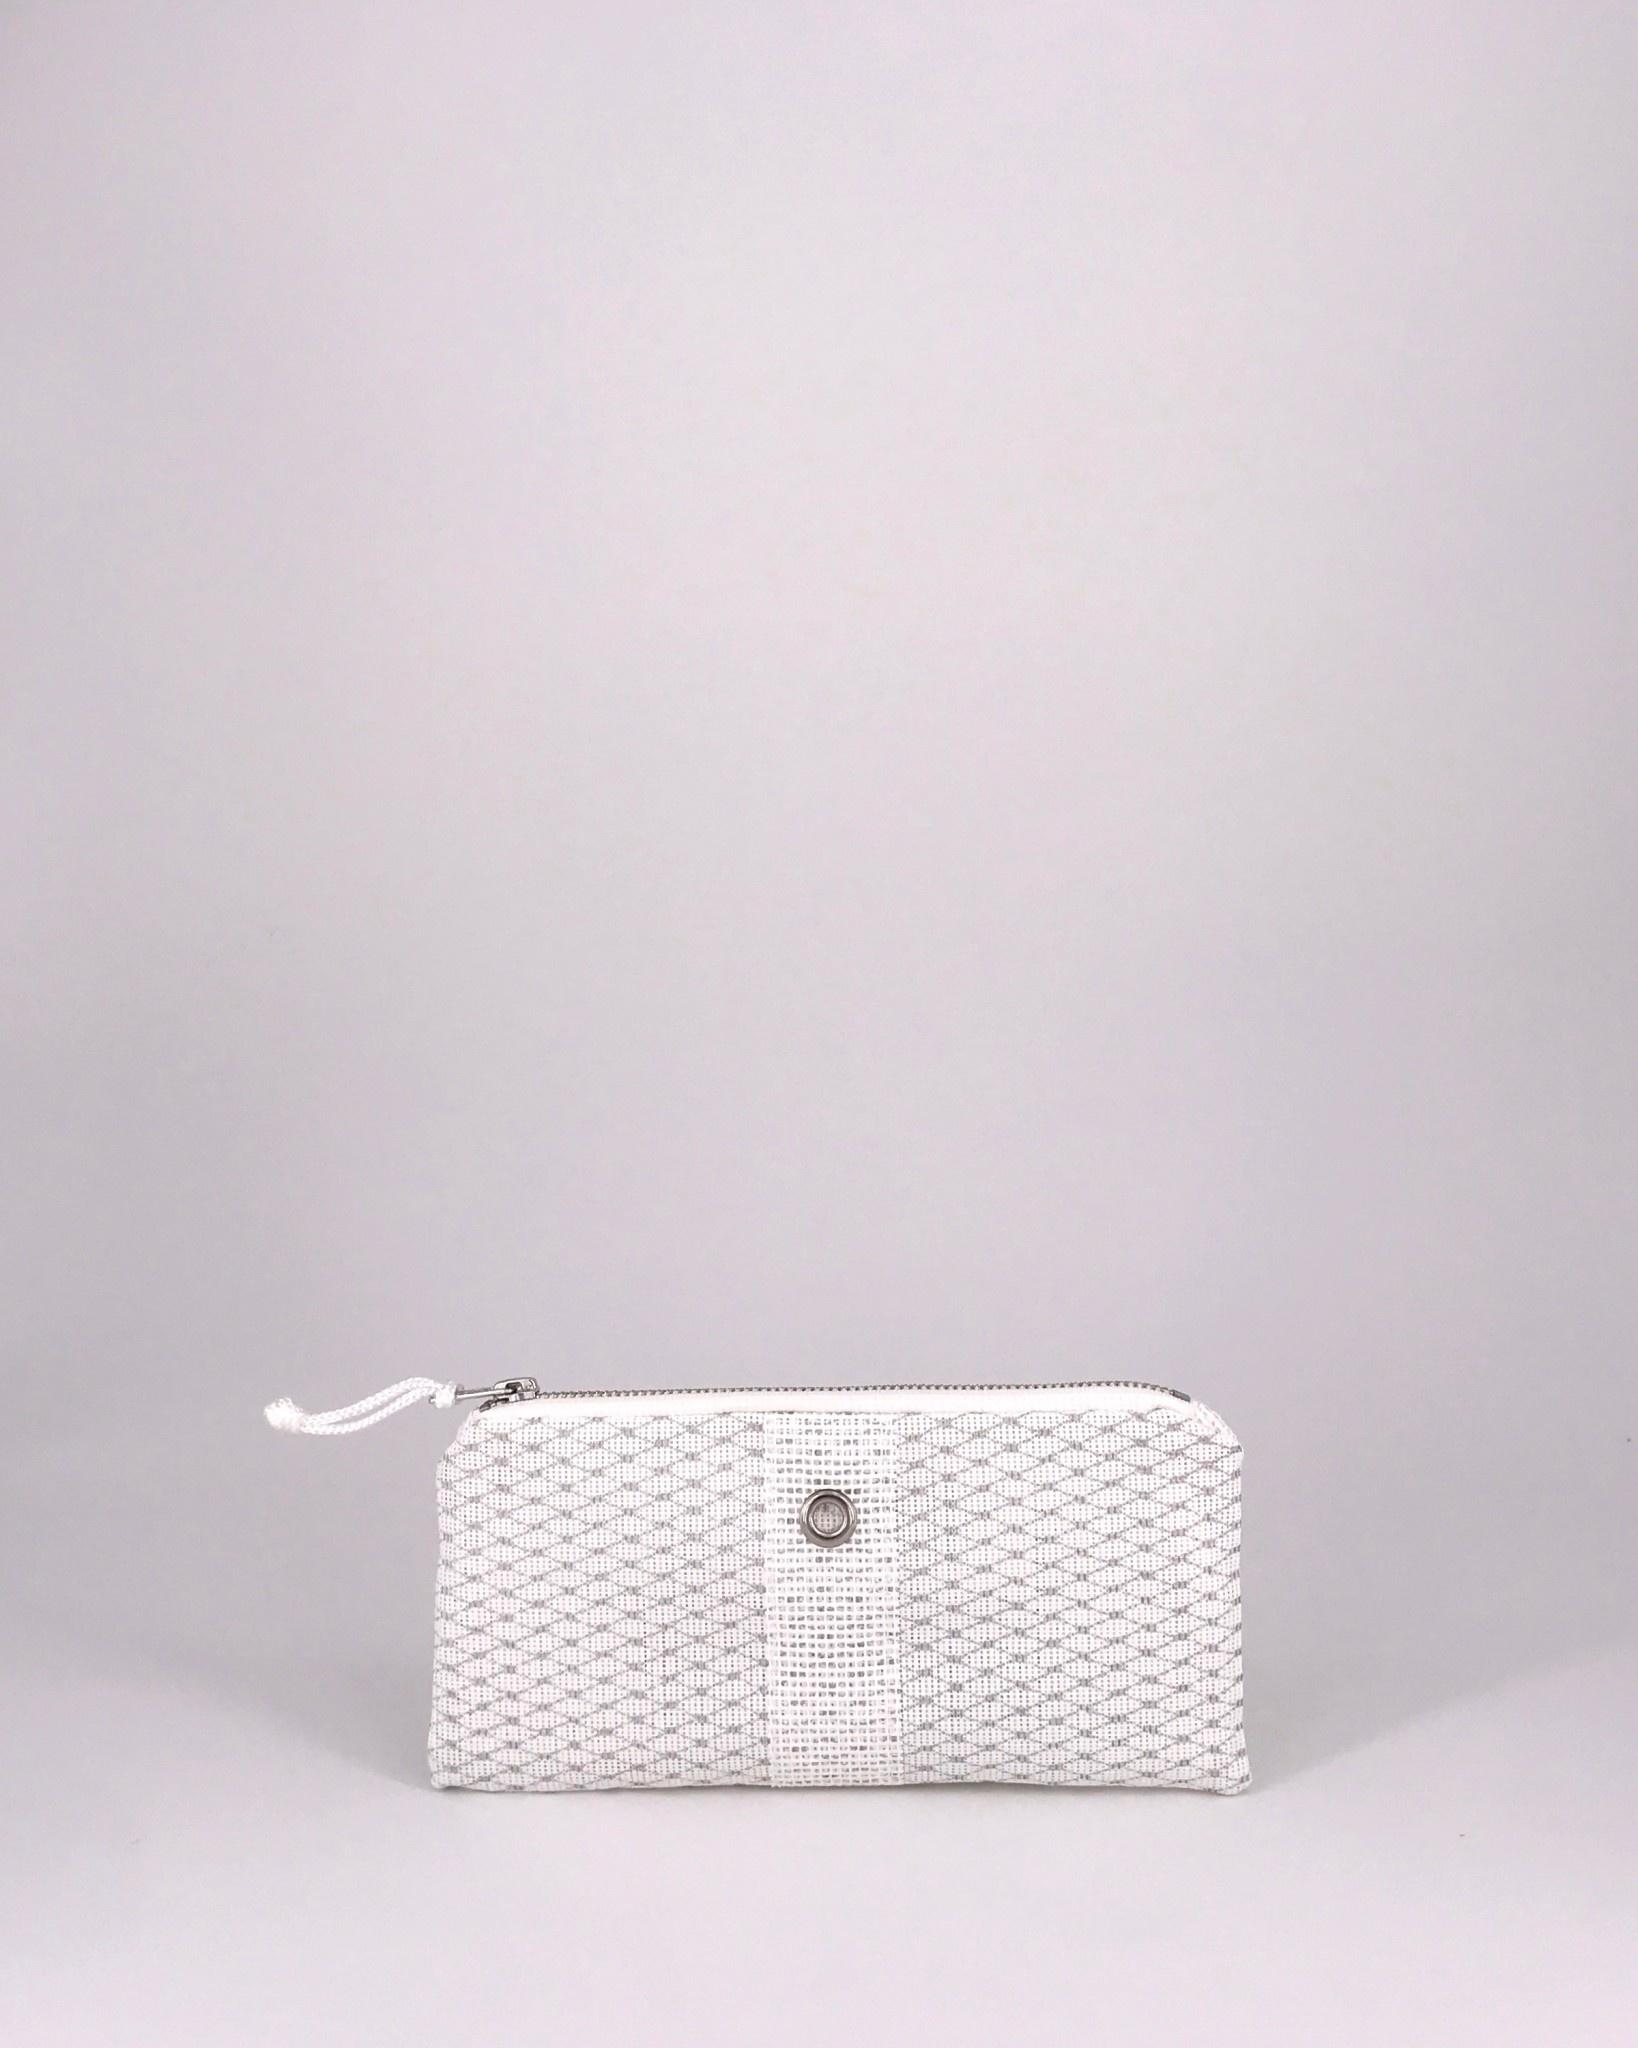 Alaina Marie ® Mini Silver on White & White Mini Clutch